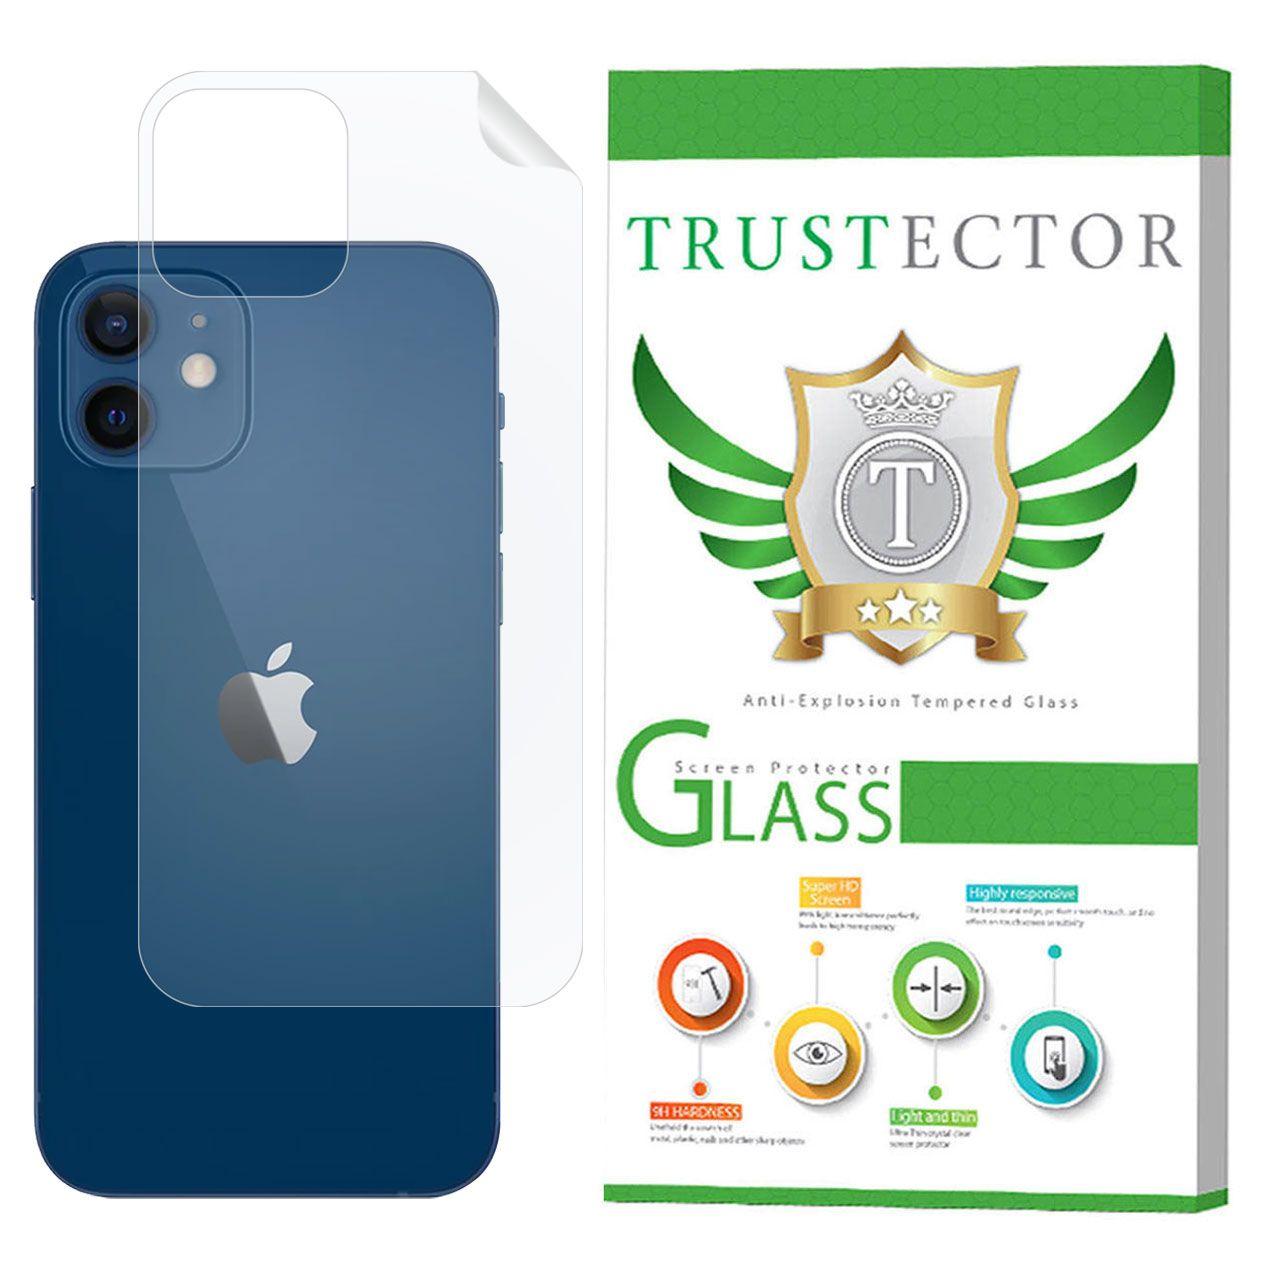 محافظ پشت گوشی تراستکتور مدل TPU-BT مناسب برای گوشی موبایل اپل iPhone 12 mini